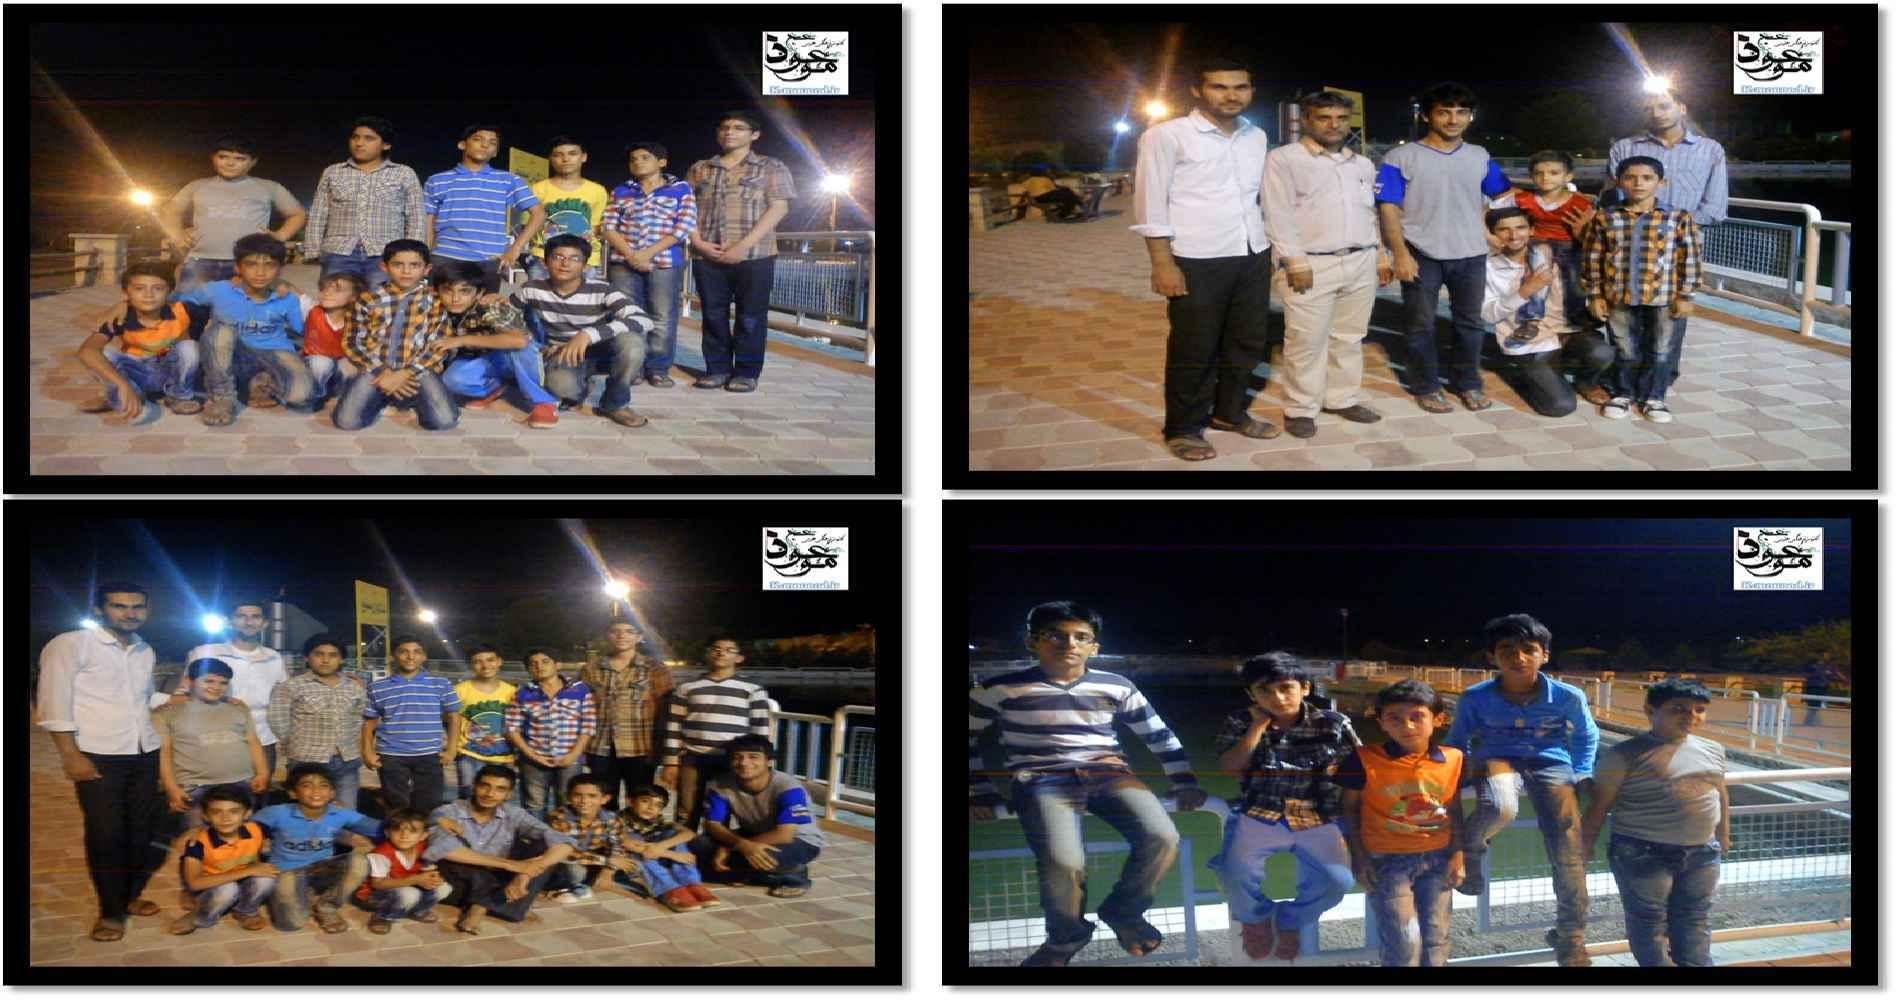 پارک مفتون به همراه بچه های مسجد